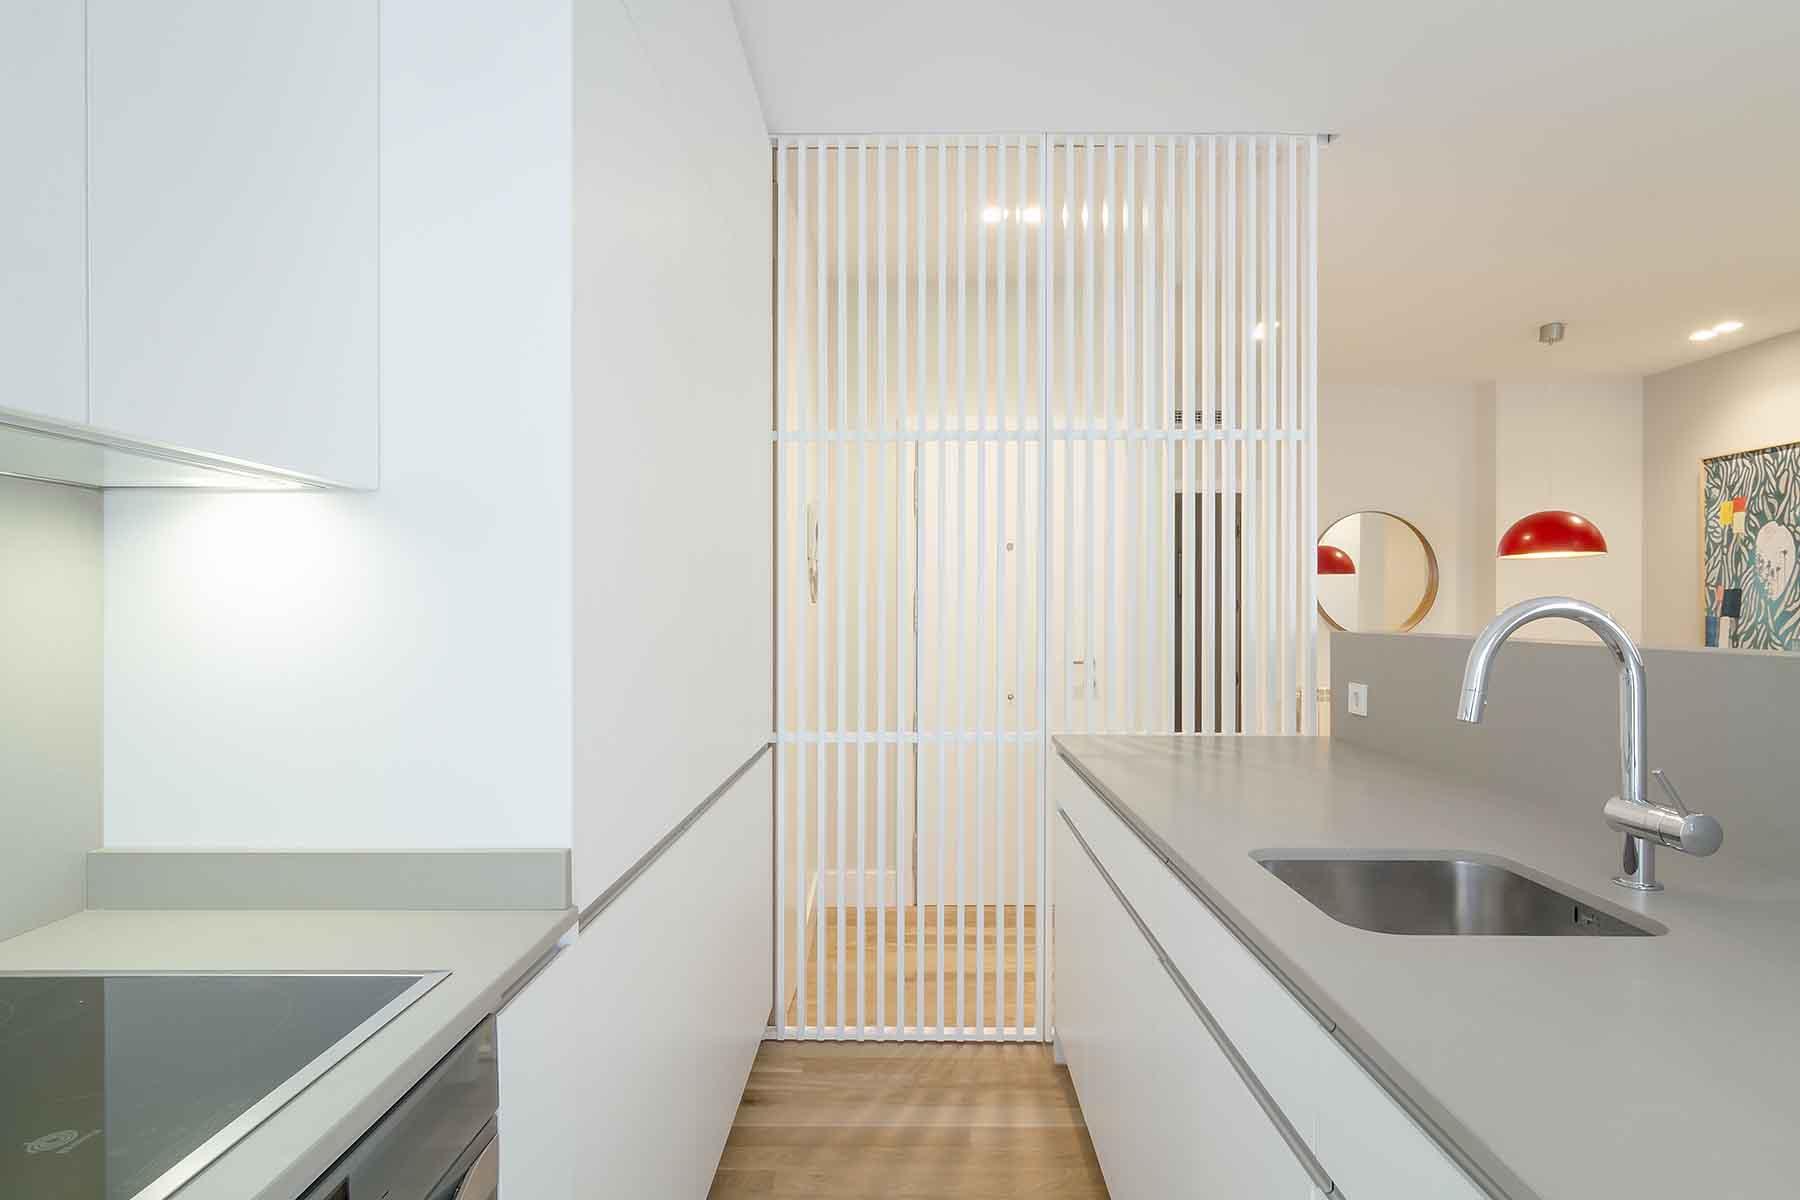 cocina americana con panel decorativo separador del salón - muebles de cocina